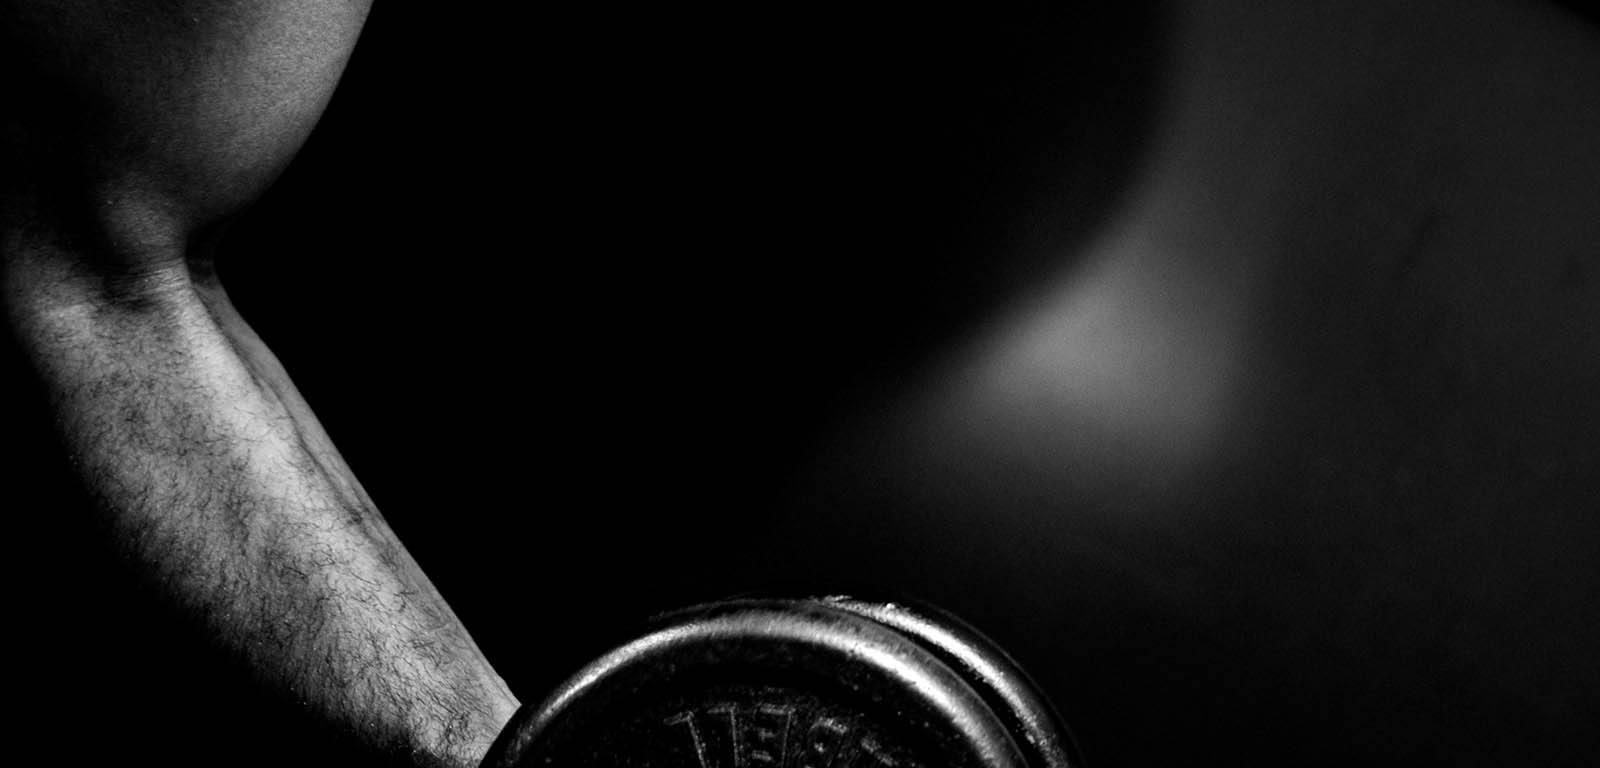 La musculation provoque la congestion des muscles (Plump) et une sensation de brûlure (Burn)